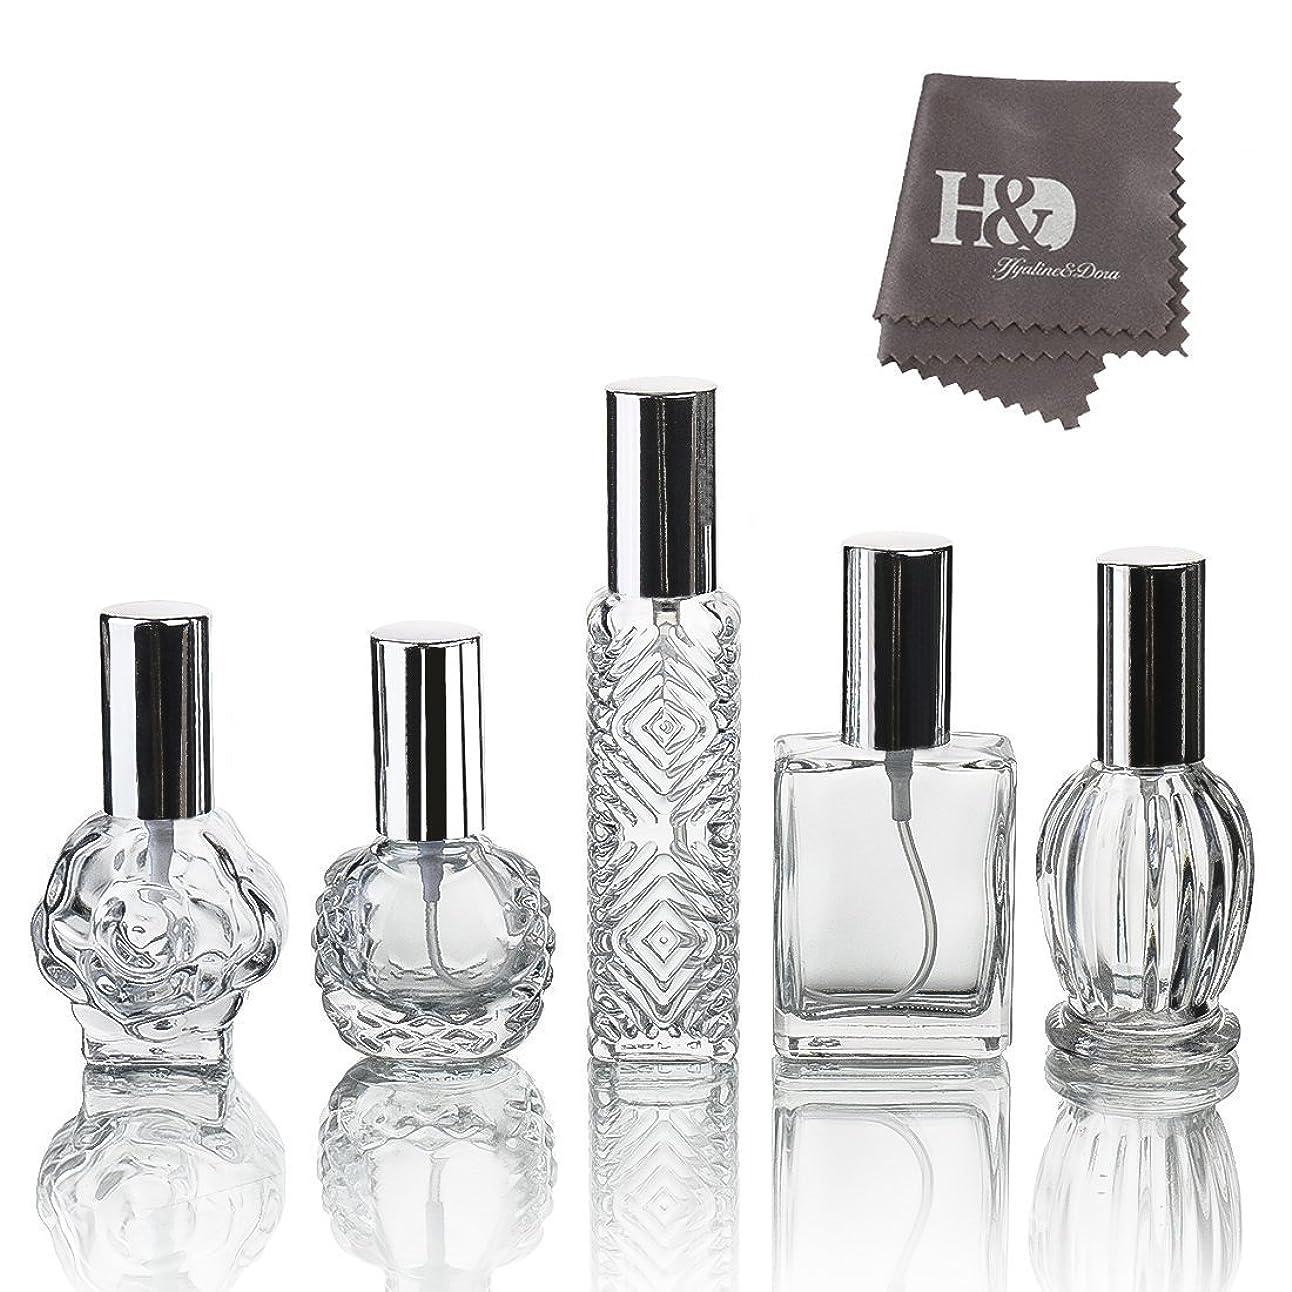 絡まる吐き出す守銭奴H&D 5枚セット ガラスボトル 香水瓶 詰替用瓶 分け瓶 旅行用品 化粧水用瓶 装飾雑貨 ガラス製 (2)